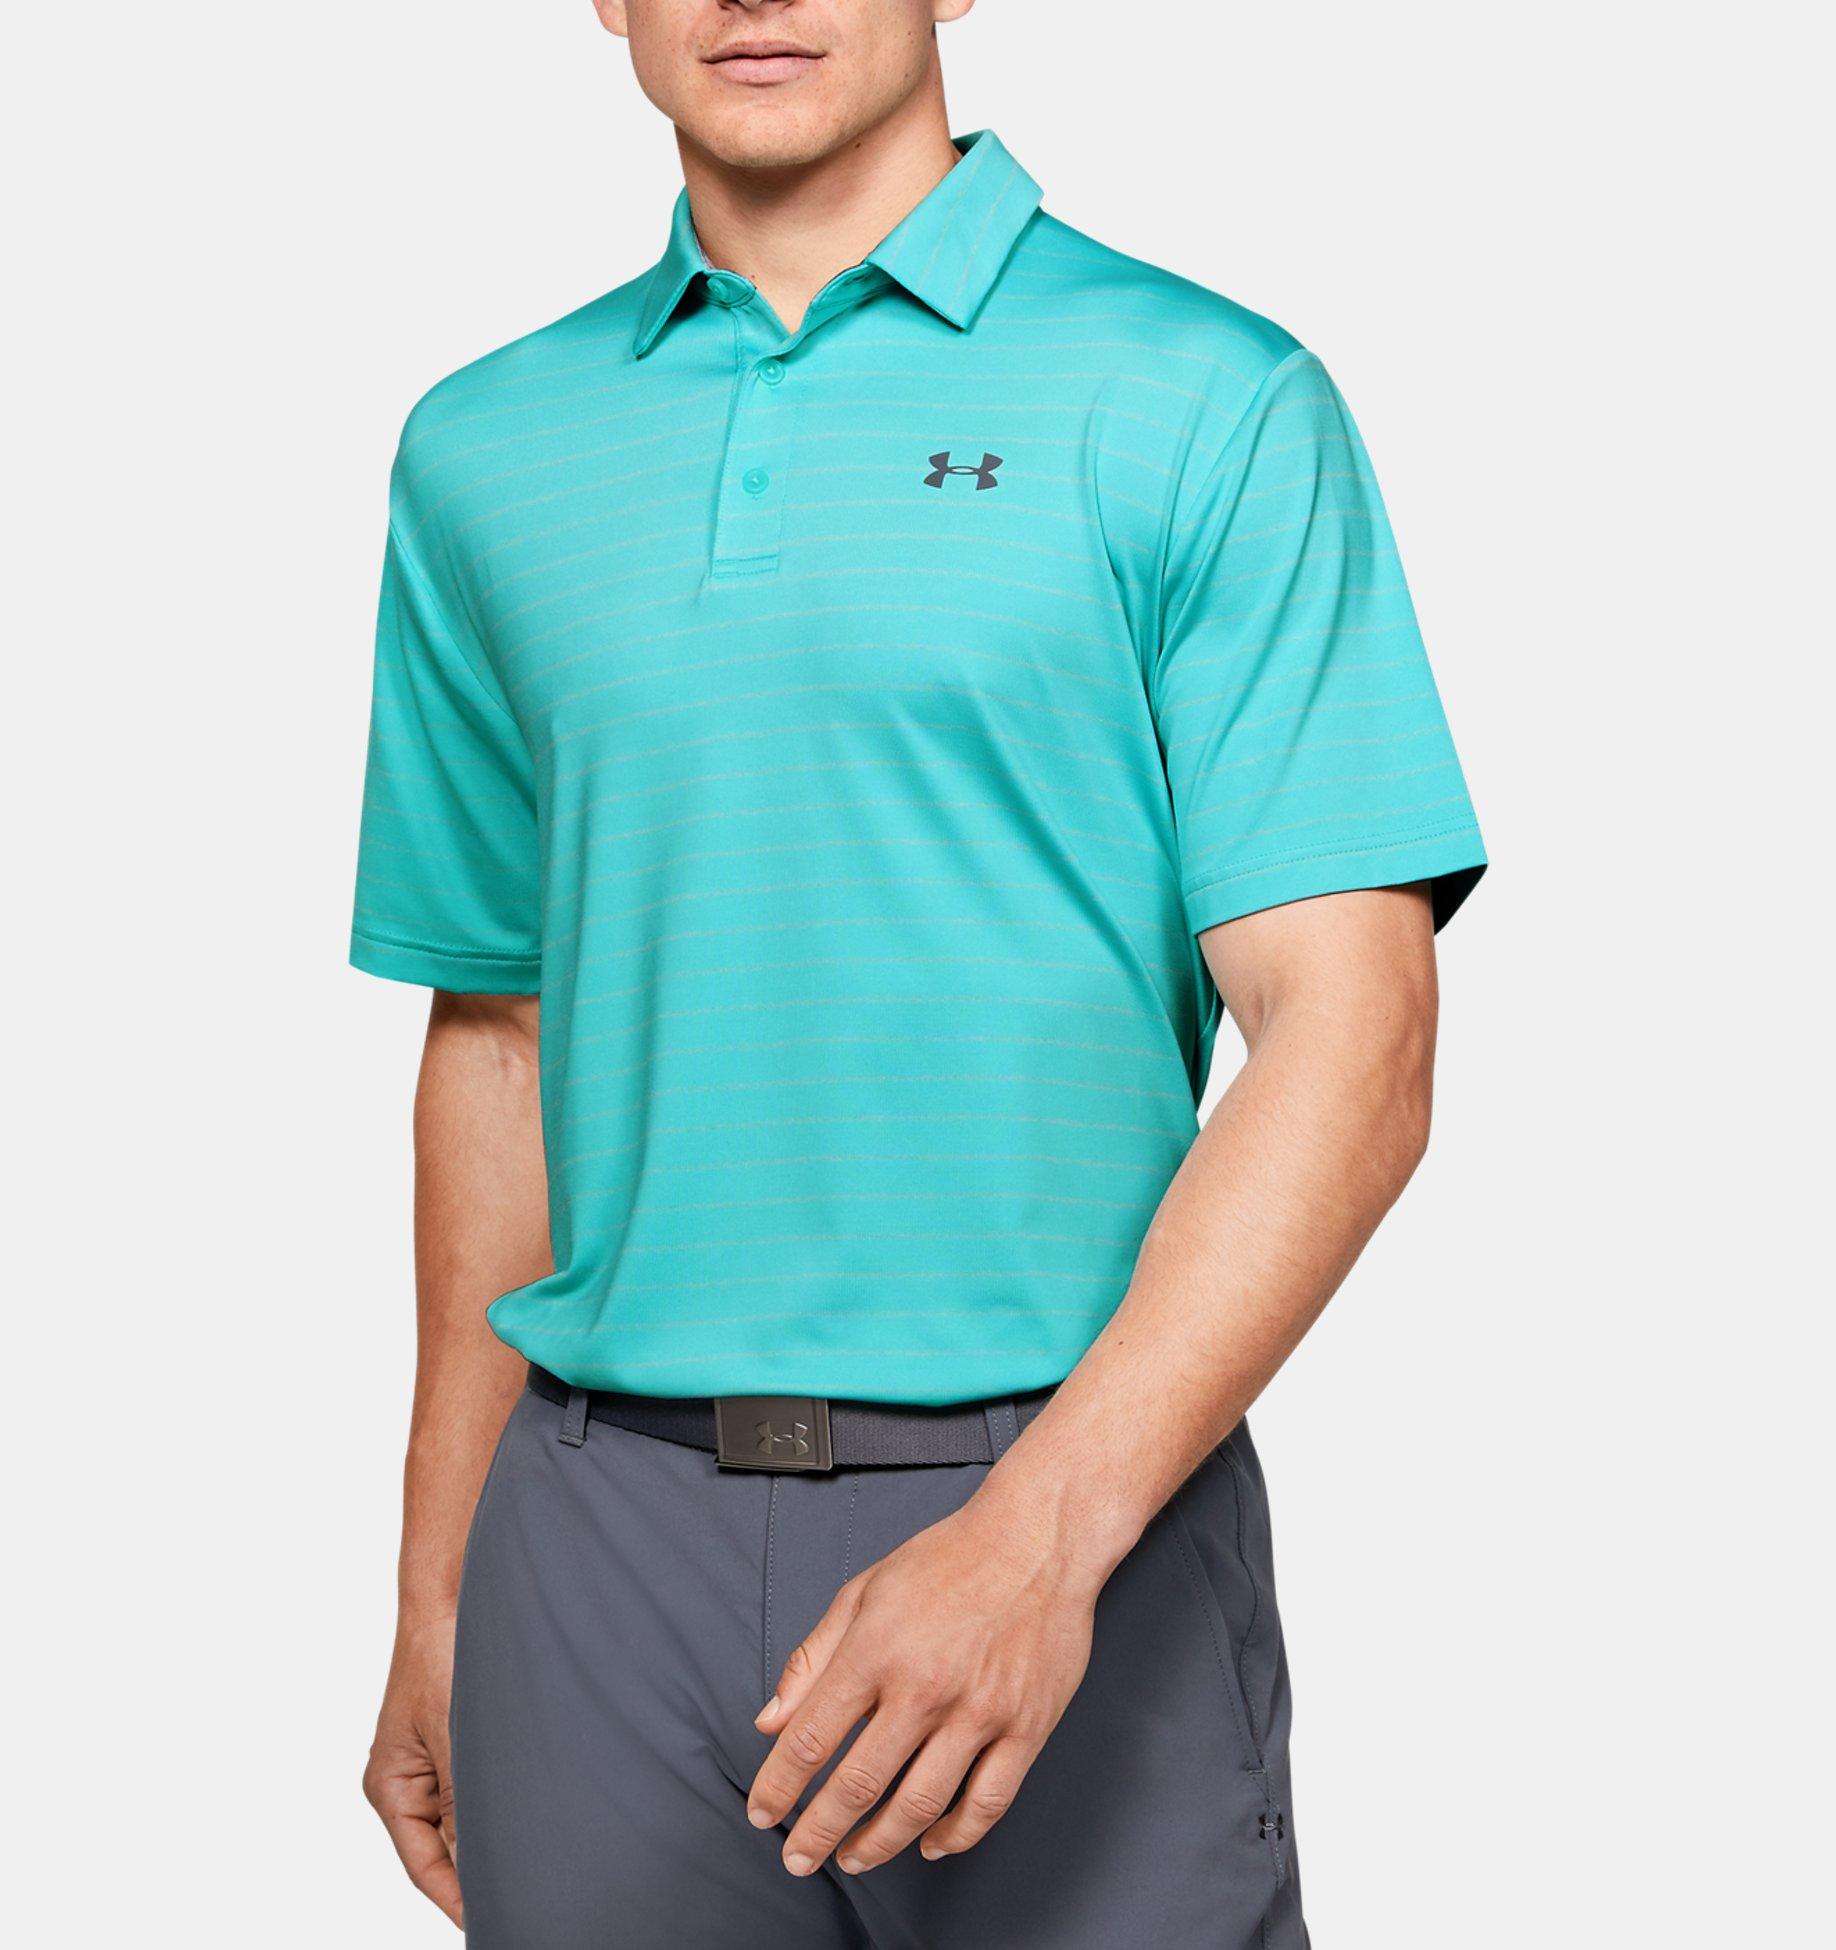 Underarmour Mens UA Playoff Polo Core Stripe